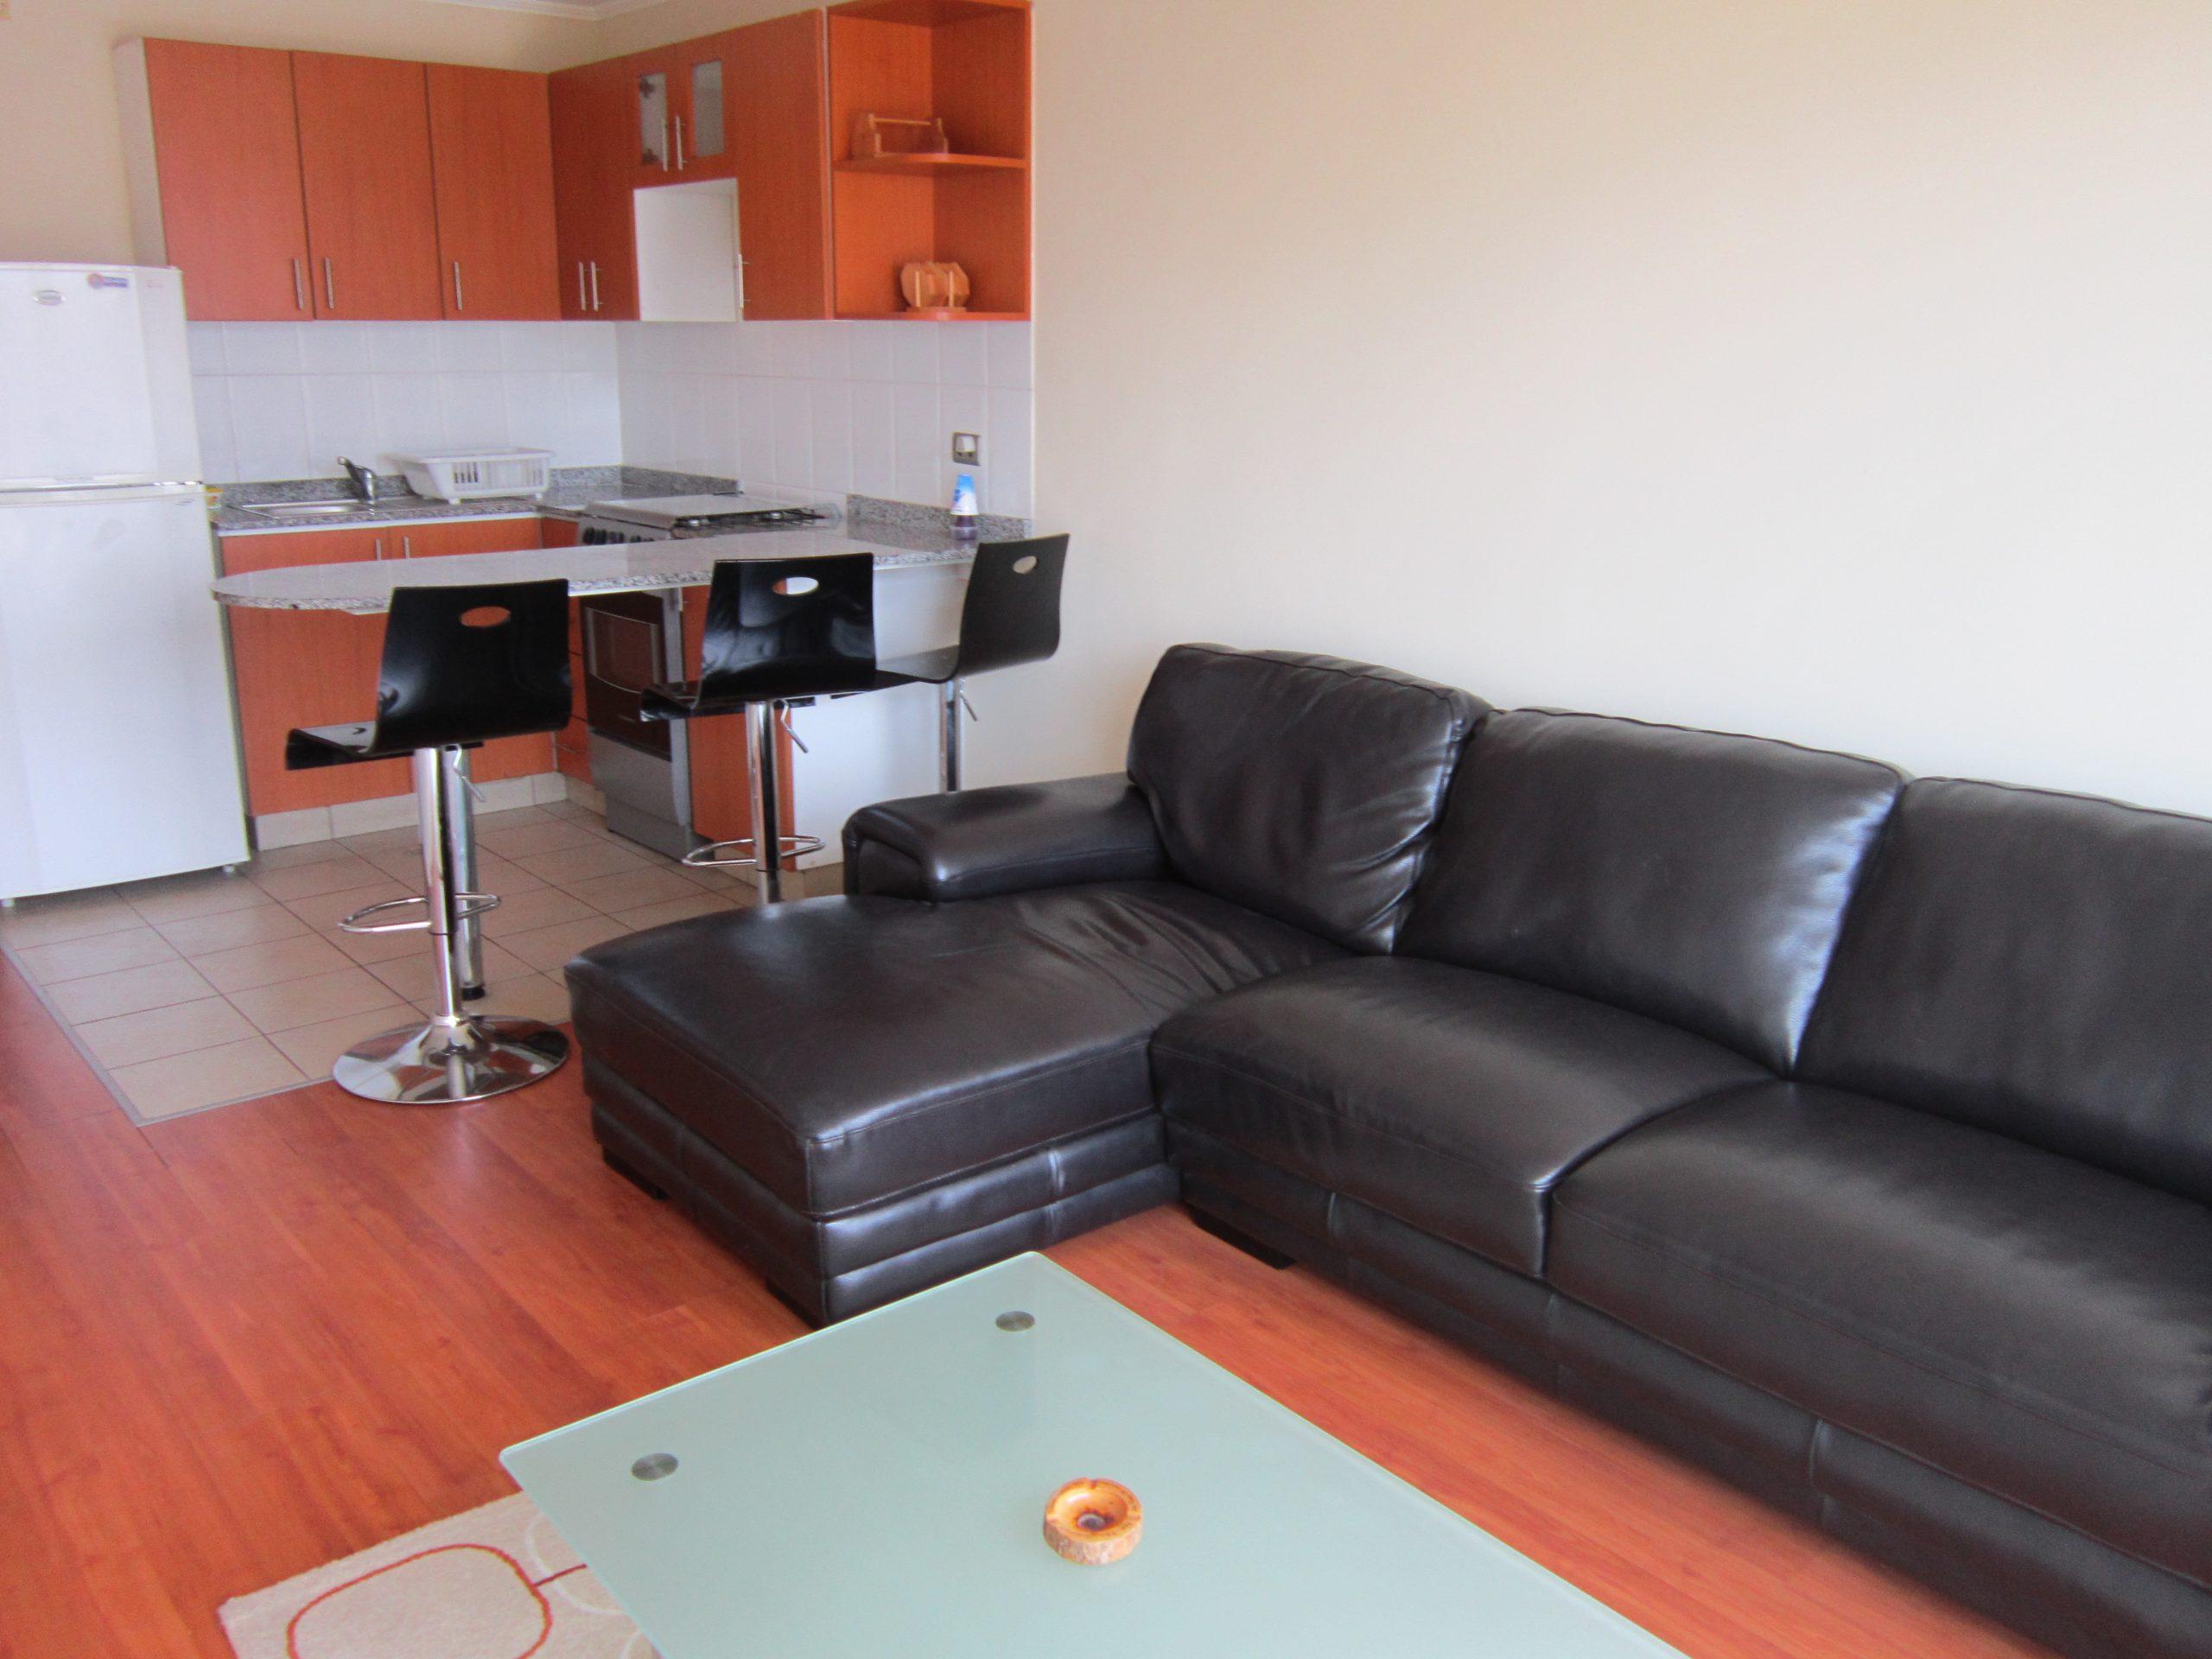 Departamento de 1 dorm con muebles en zona centrica de Miraflores